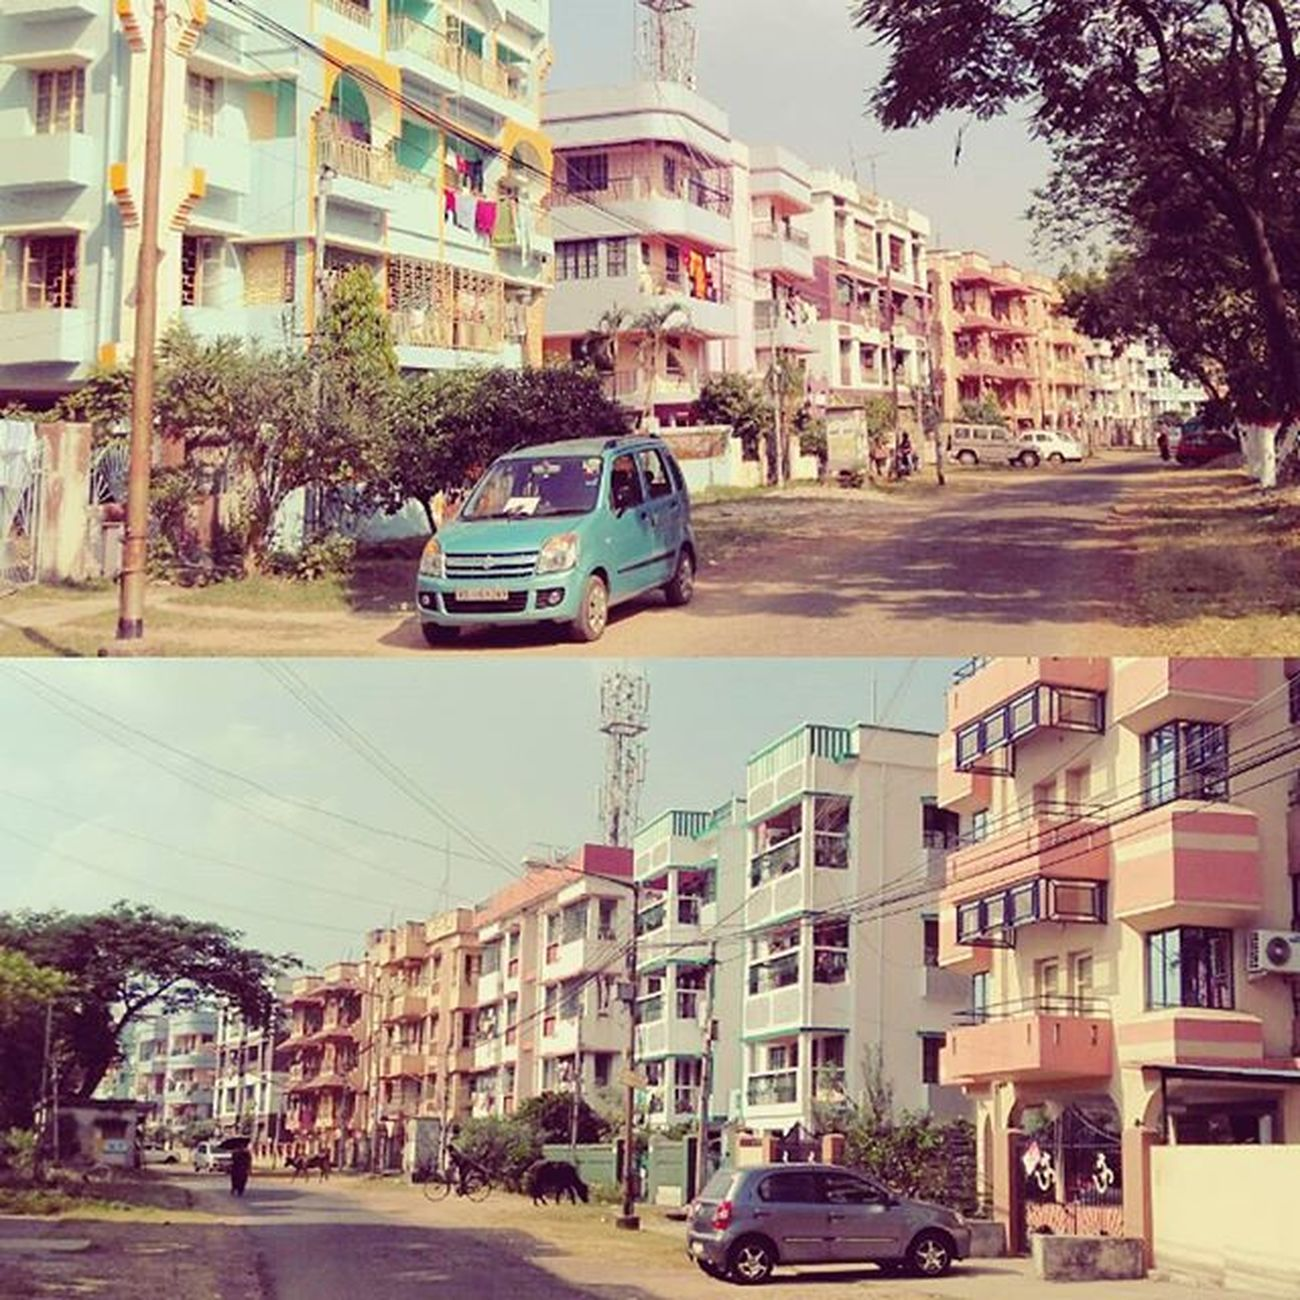 House Pair Duet Street